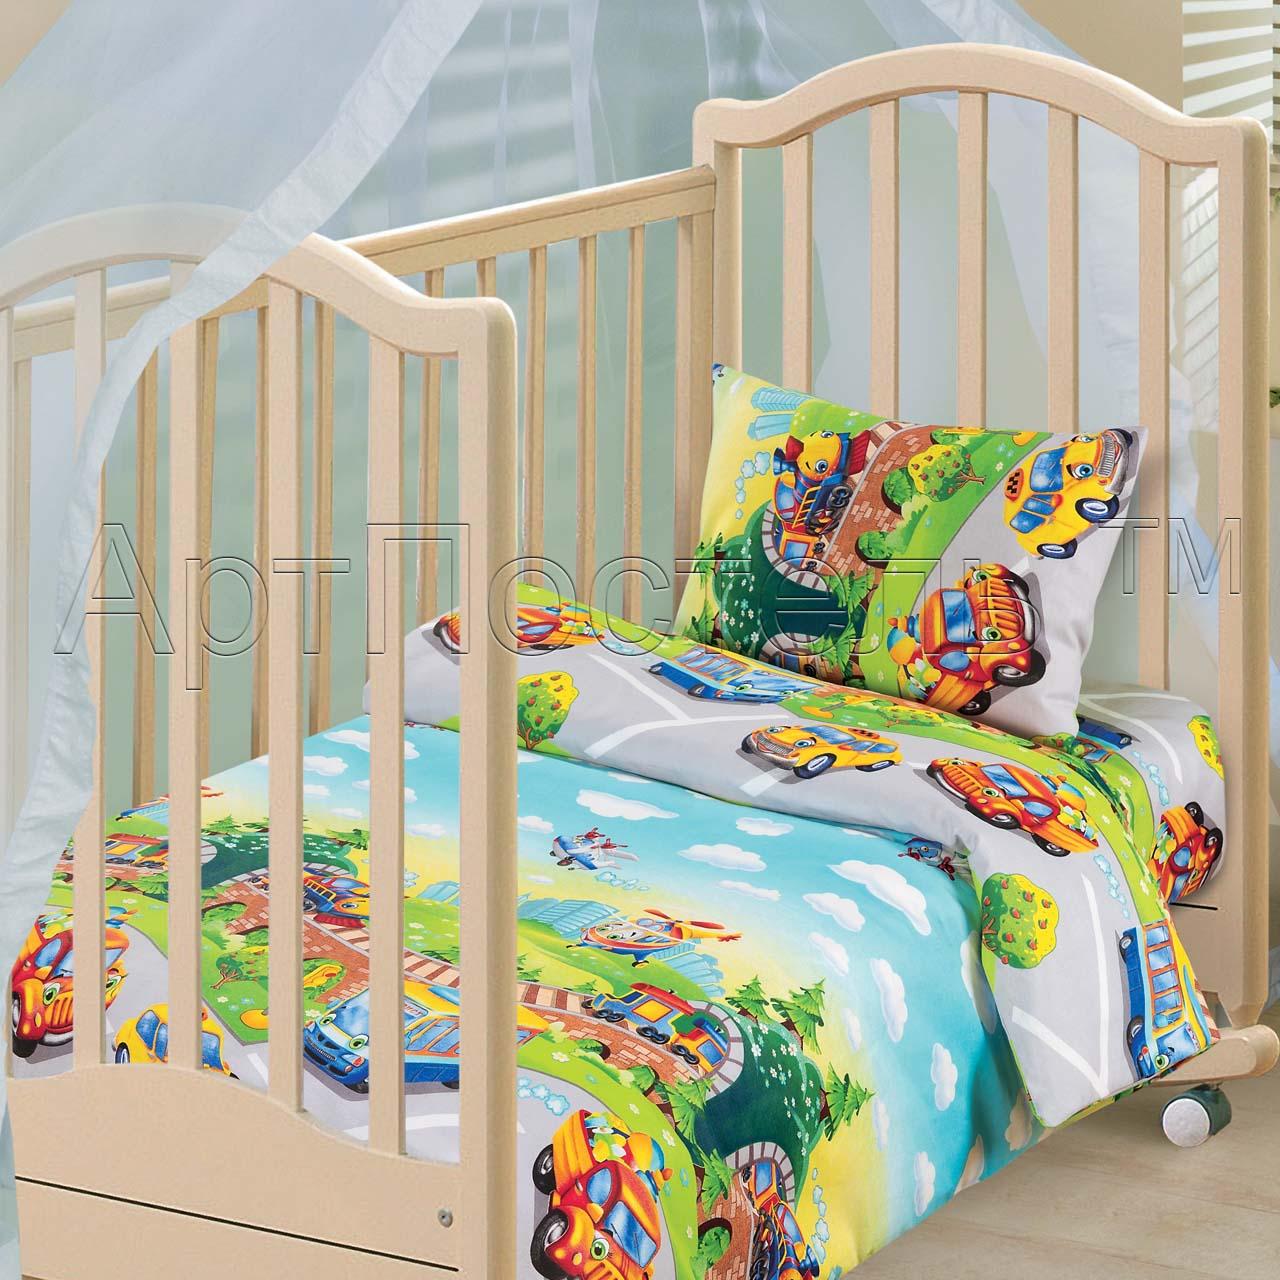 Детский комплект Детский парк, размер ЯсельныйДетское бязь<br>Плотность ткани:125 г/кв. м<br>Пододеяльник:147х112 см - 1 шт.<br>Простыня:150х110 см - 1 шт.<br>Наволочка:40х60 см - 1 шт.<br><br>Тип: КПБ<br>Размер: Ясельный<br>Материал: Бязь